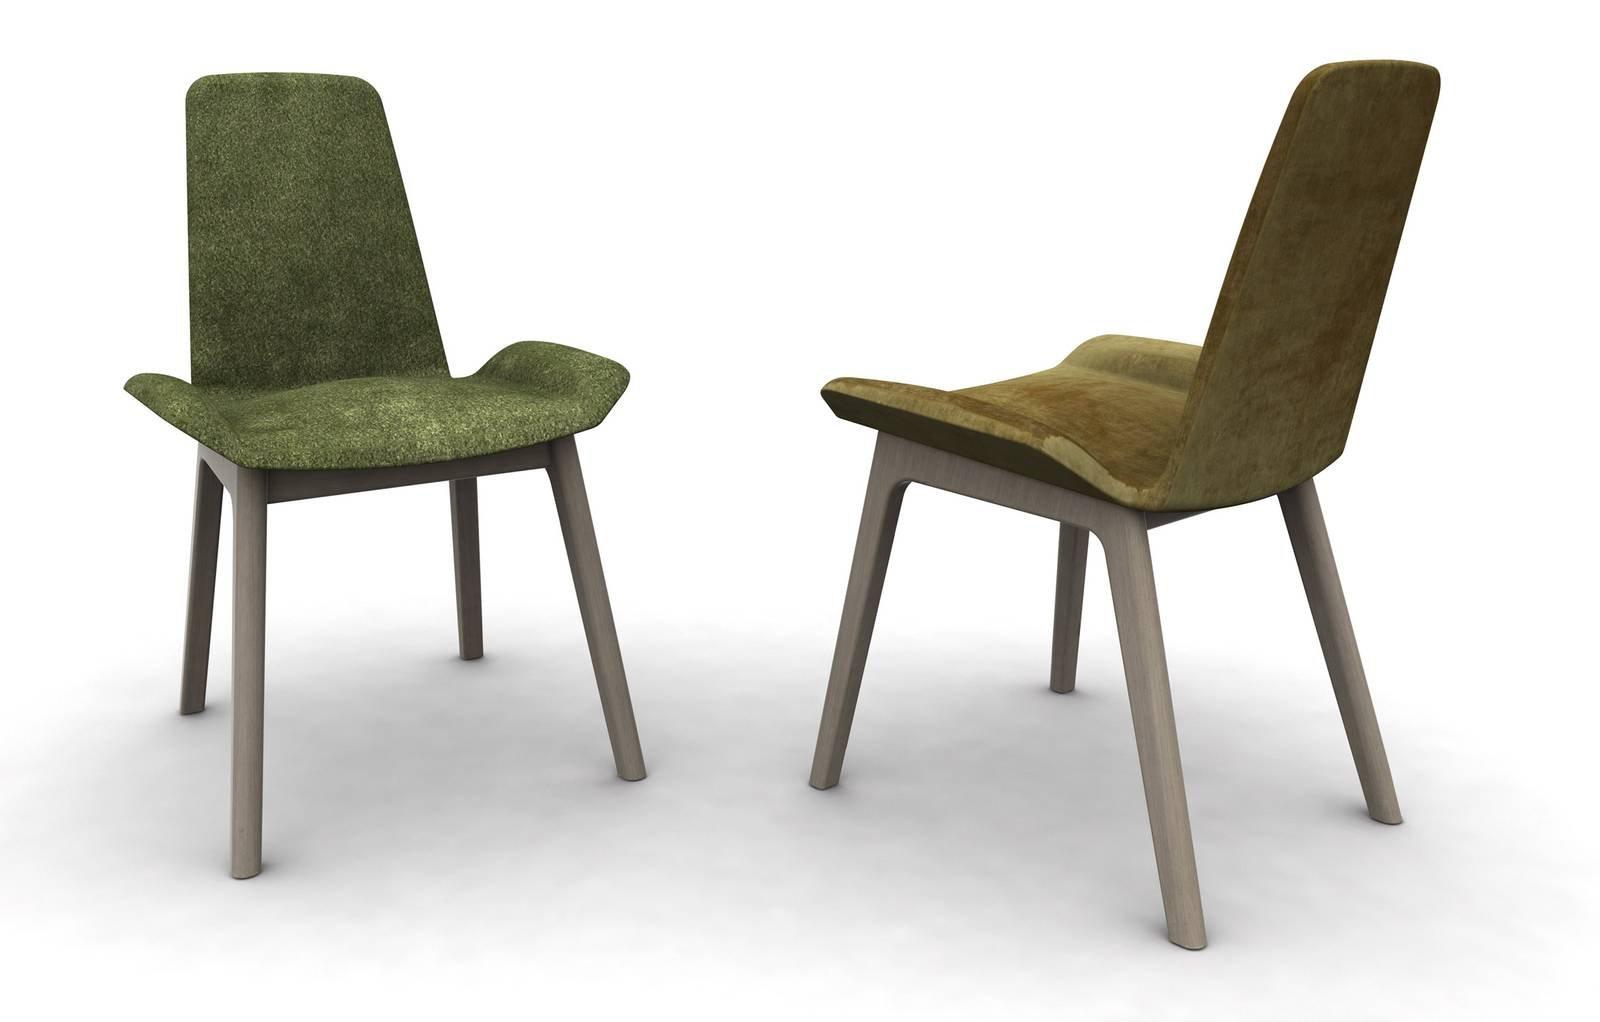 Sedie Schienale Alto Design : Le nuove sedie e poltroncine al salone del mobile cose di casa